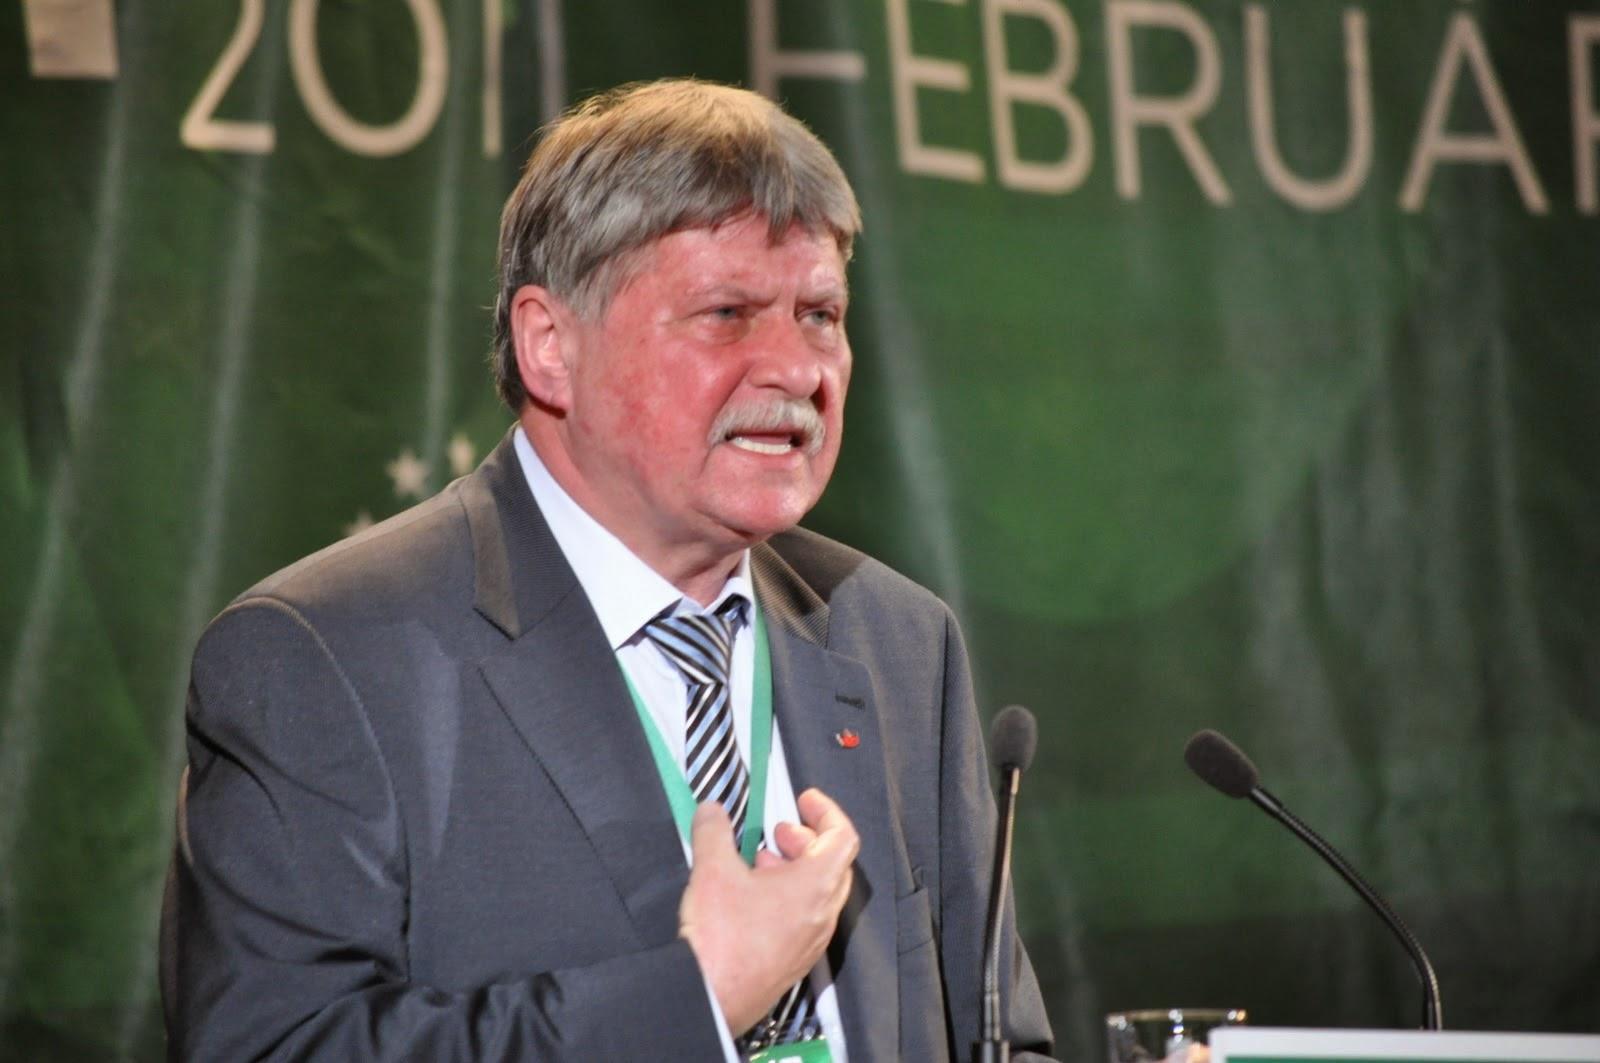 erdőirtás, Verestóy Attila, nyílt levél, erdő-visszaszolgáltatás, illegális erdő-visszaszolgáltatás, korrupció, fakitermelés, Székelyföld,